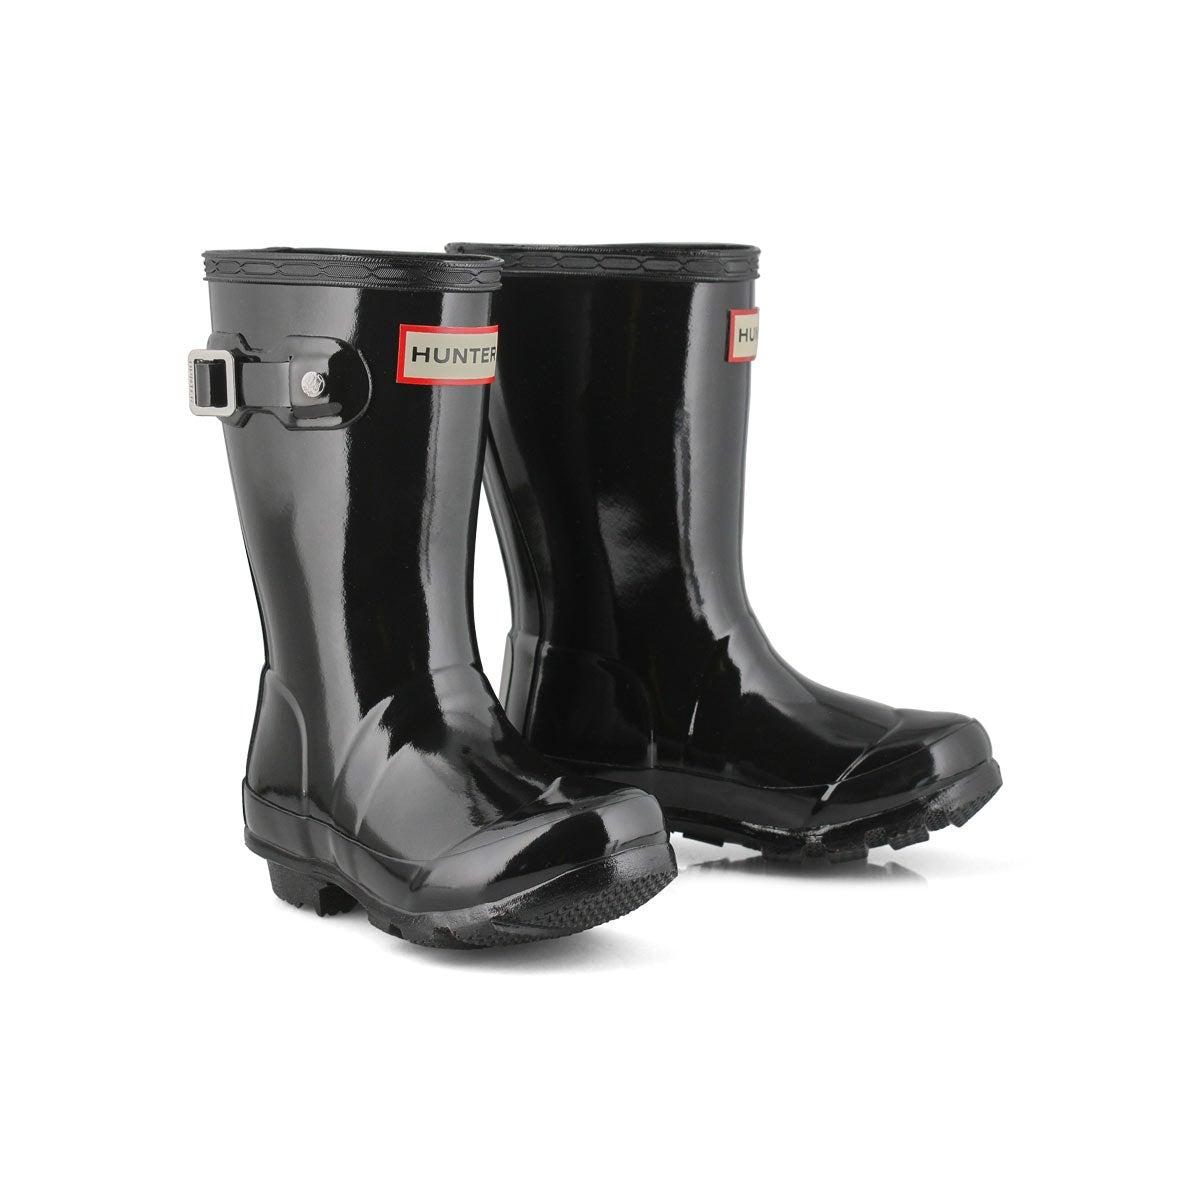 Infs Original Little Gloss blk rain boot